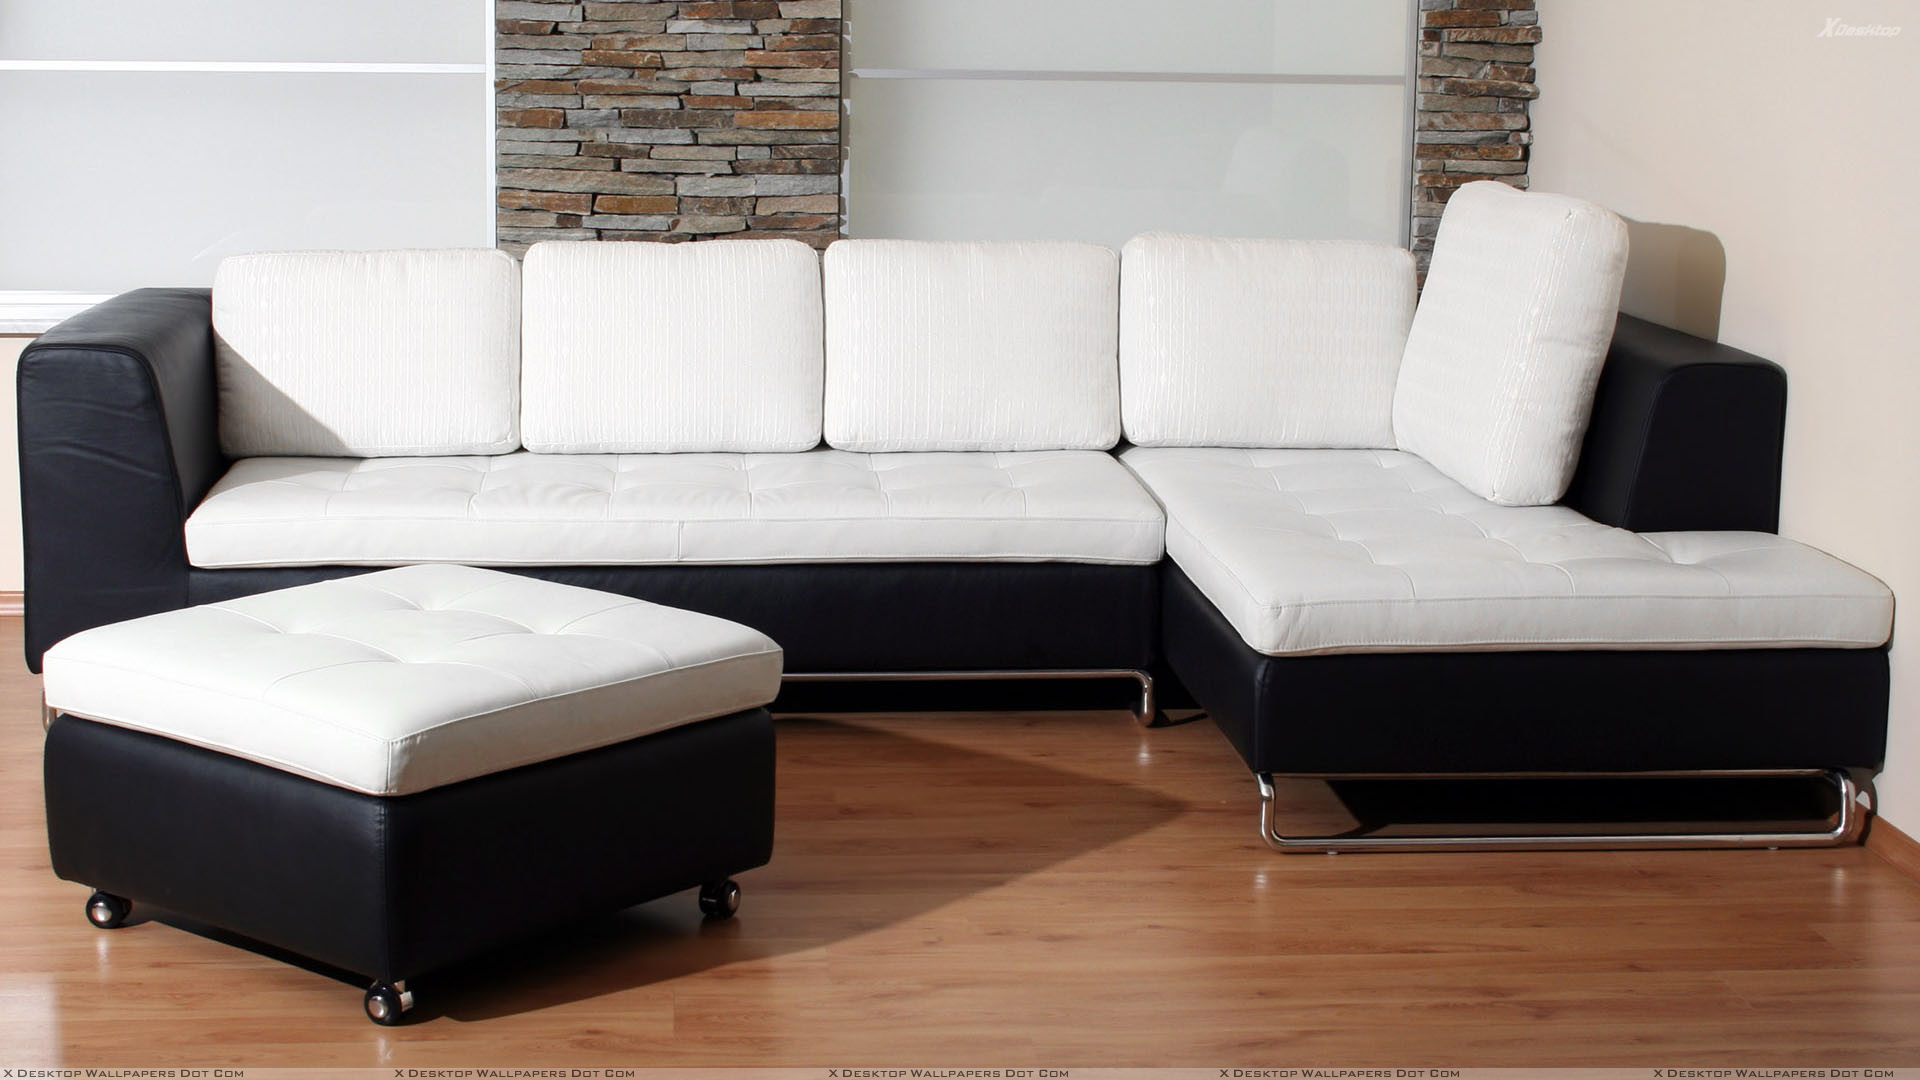 black white sofa set sleeper san antonio texas rent to own scam or legitimate option smart homebuying